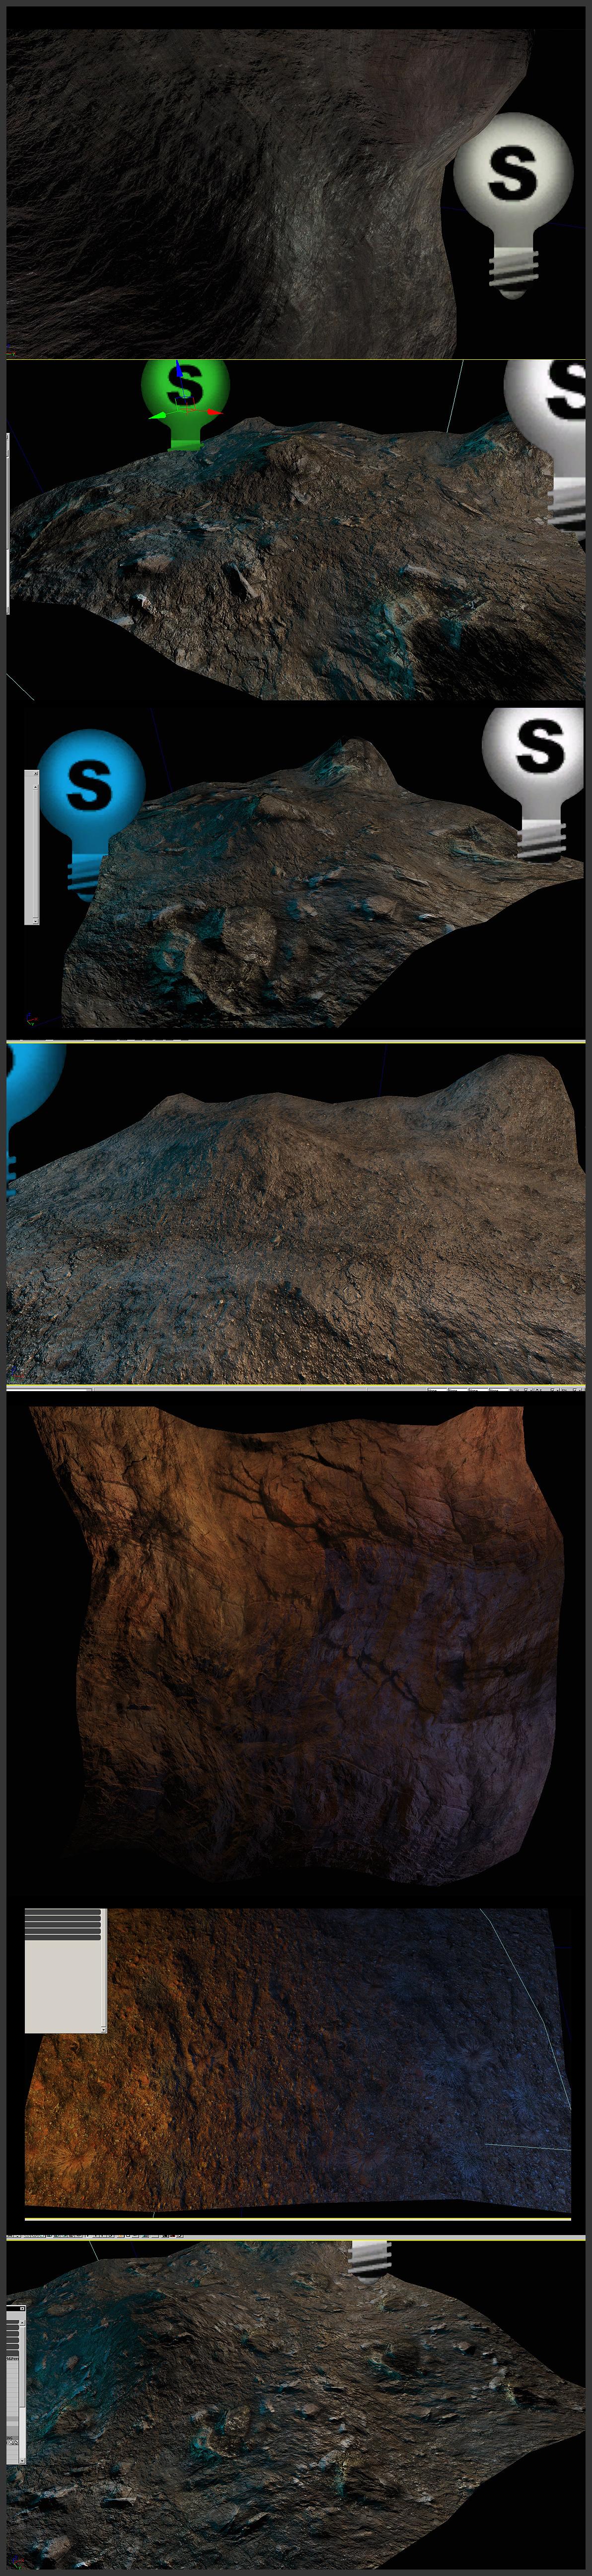 terrain_textures.jpg